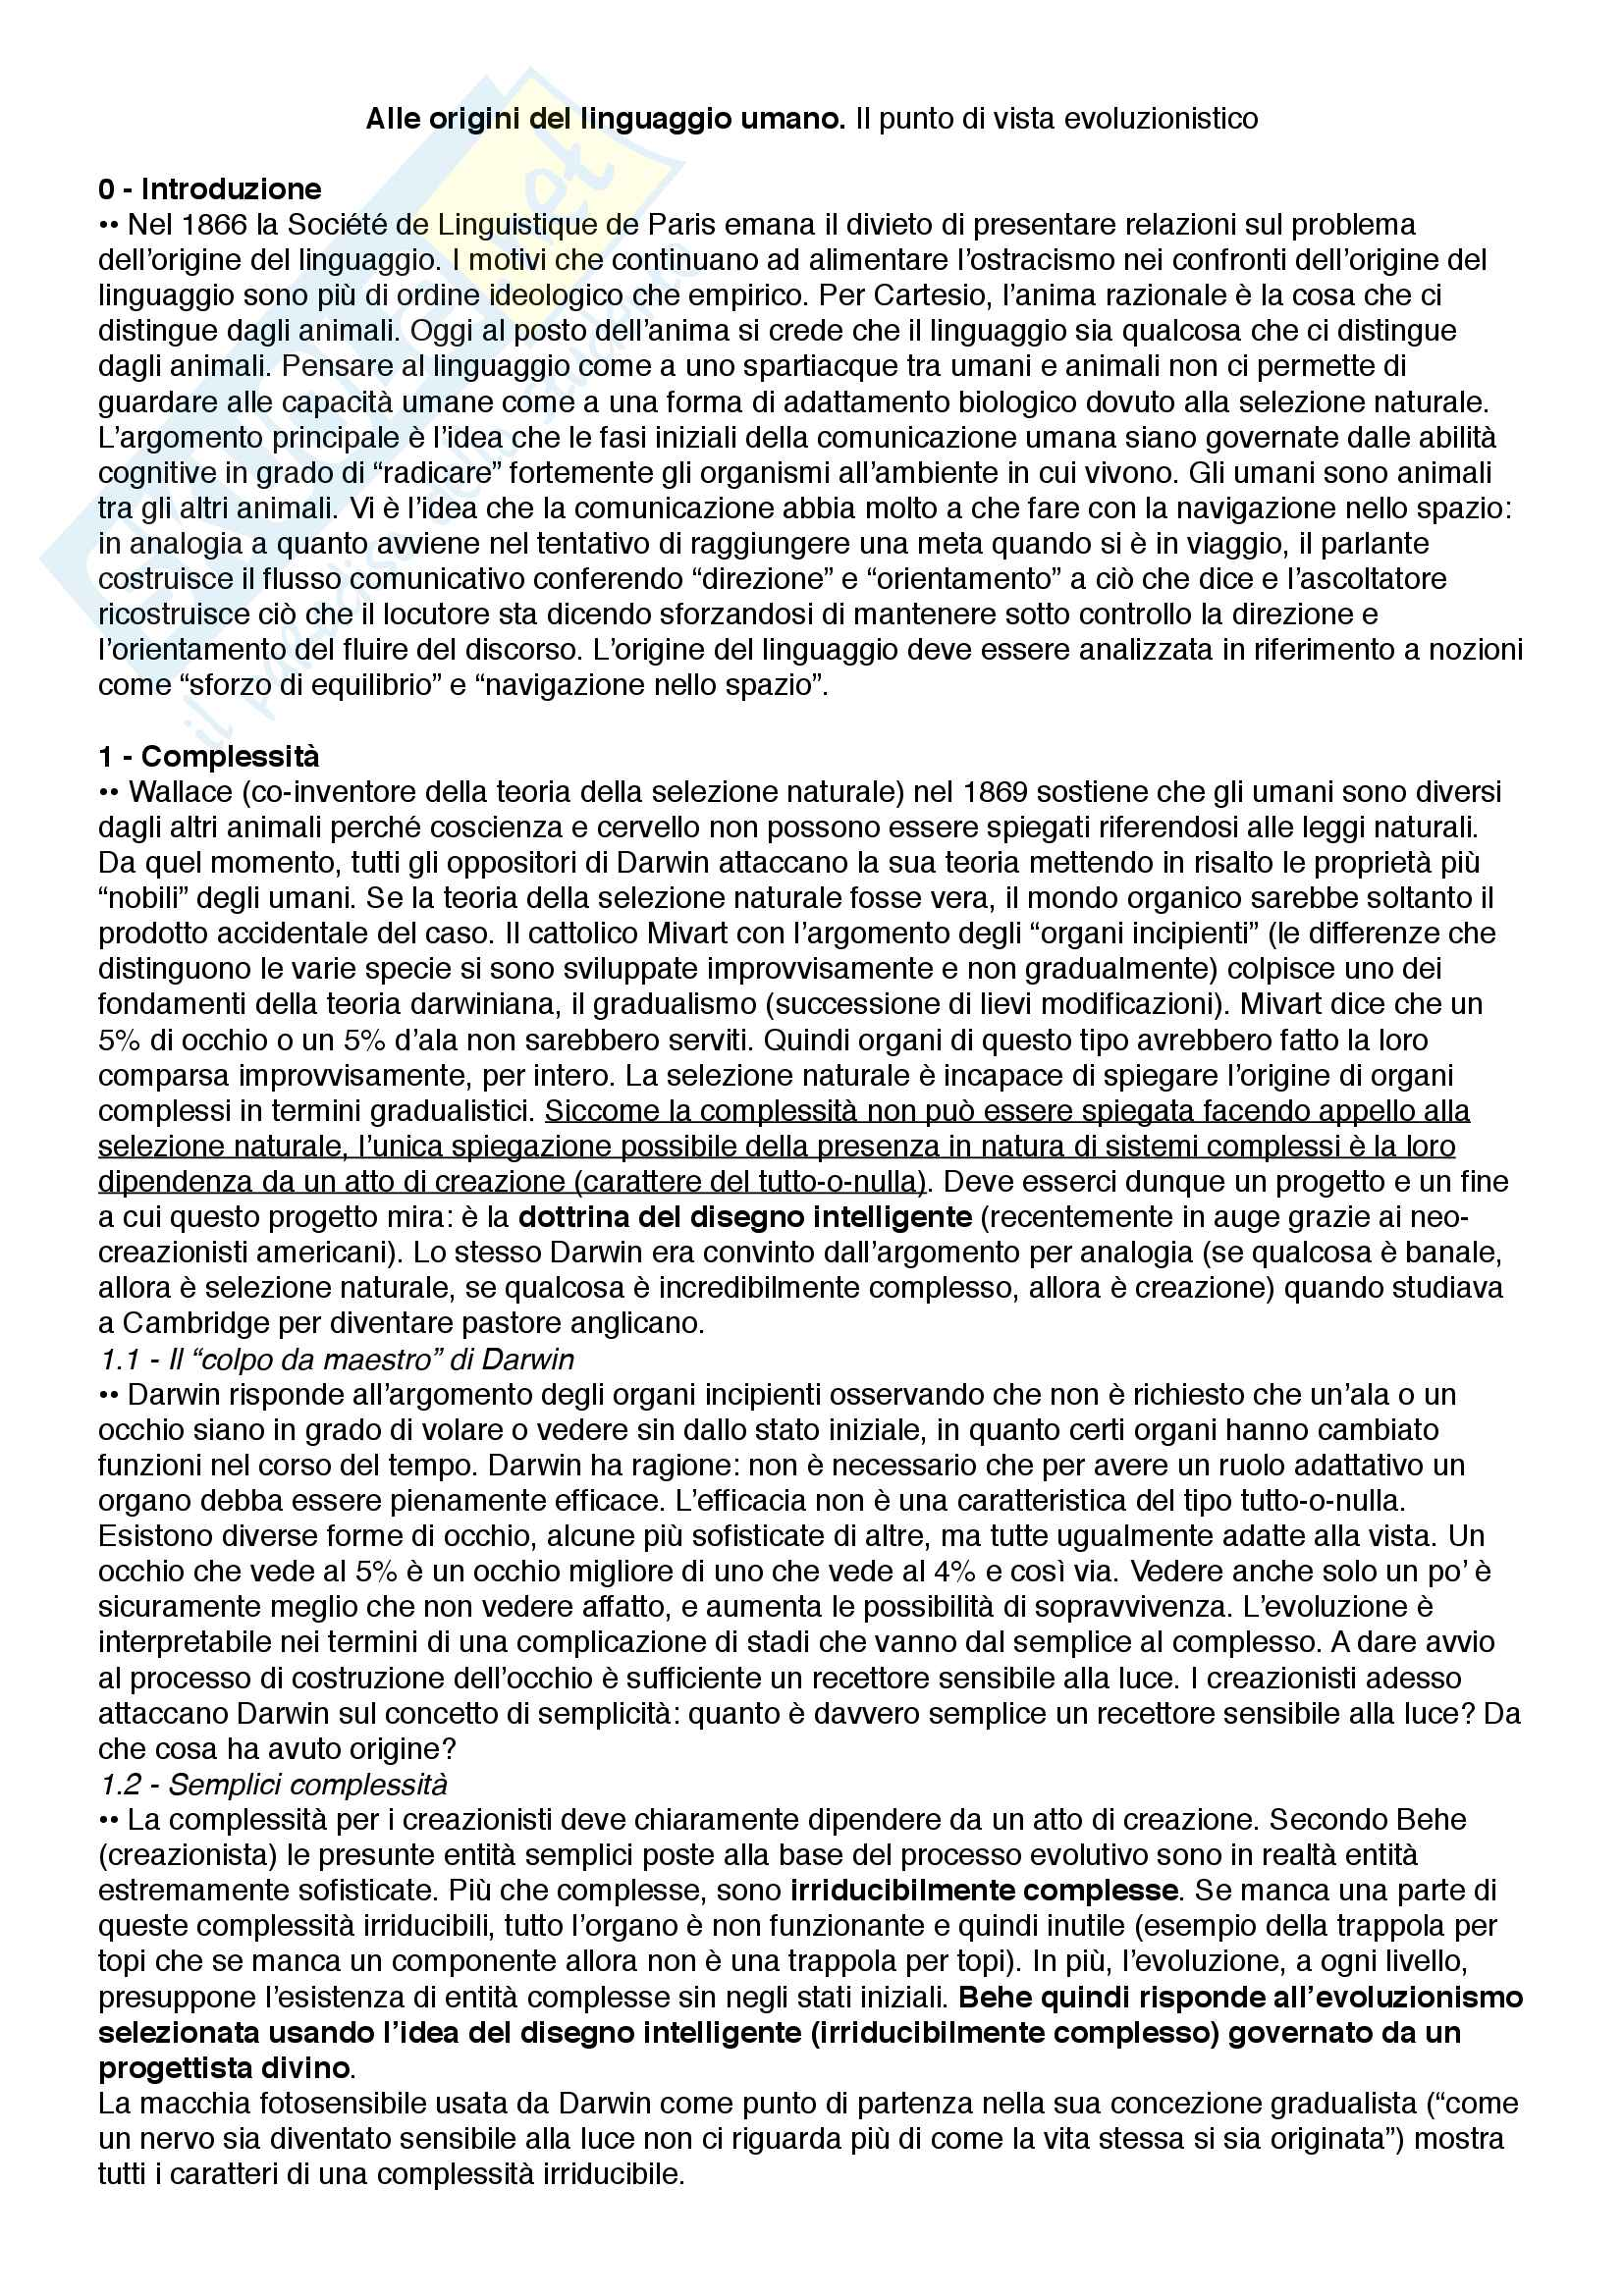 Riassunto esame Filosofia del linguaggio e della comunicazione, prof. Ferretti, libro consigliato Alle origini del linguaggio umano - Il punto di vista evoluzionistico, Ferretti